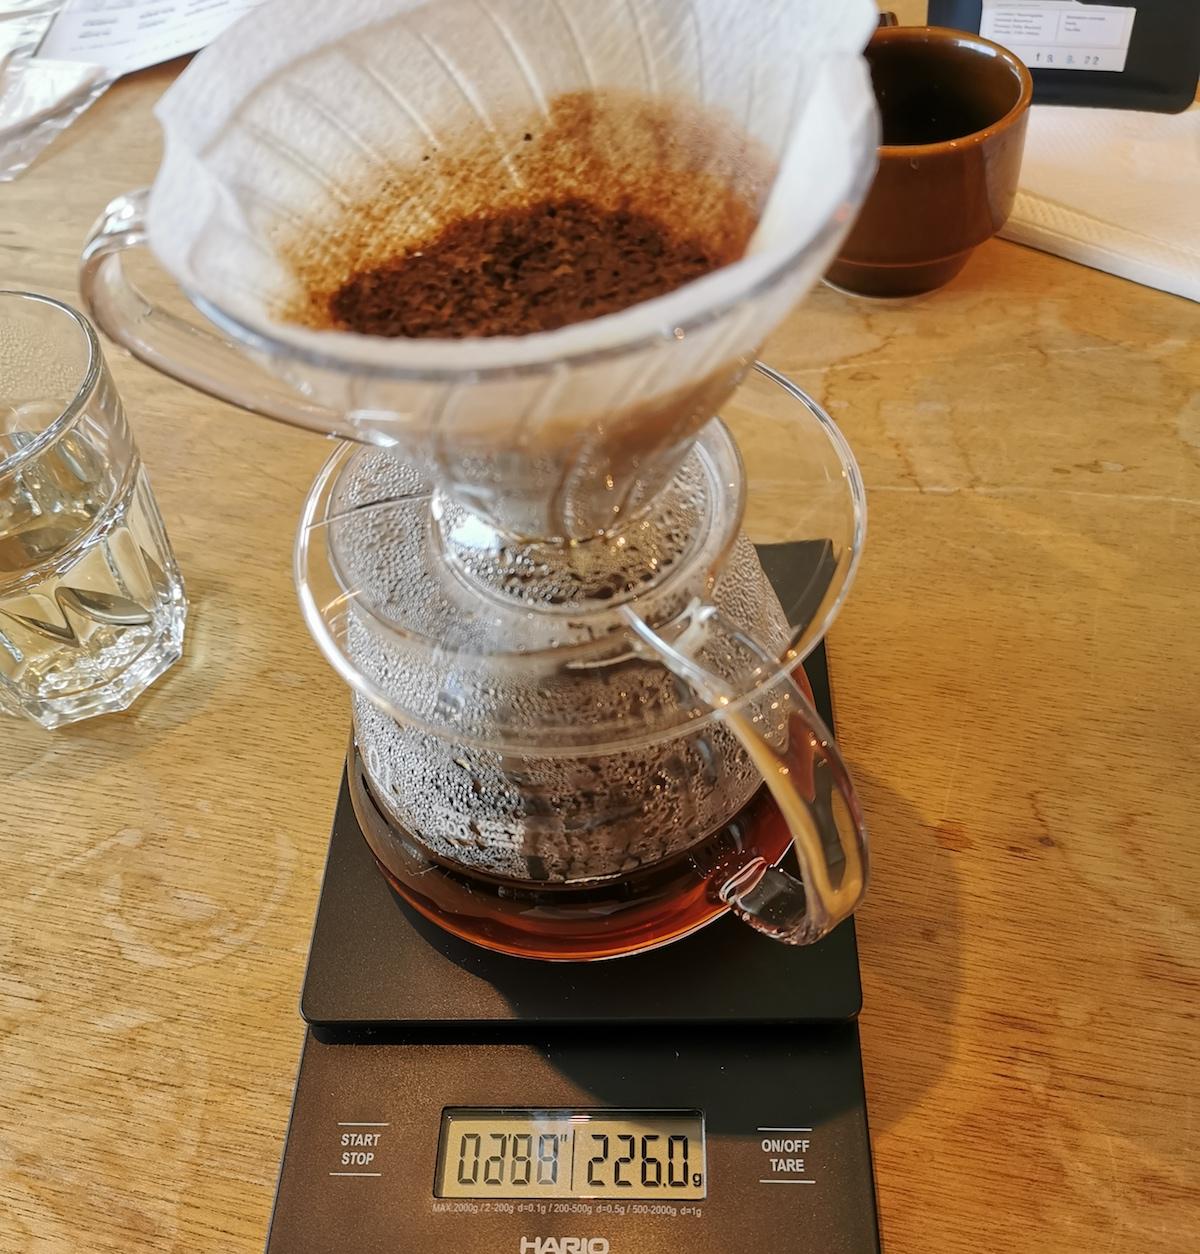 計りとタイマーが同時についた、まさにコーヒー抽出用のアイテムを使いながら、教えられた手順で抽出に挑戦